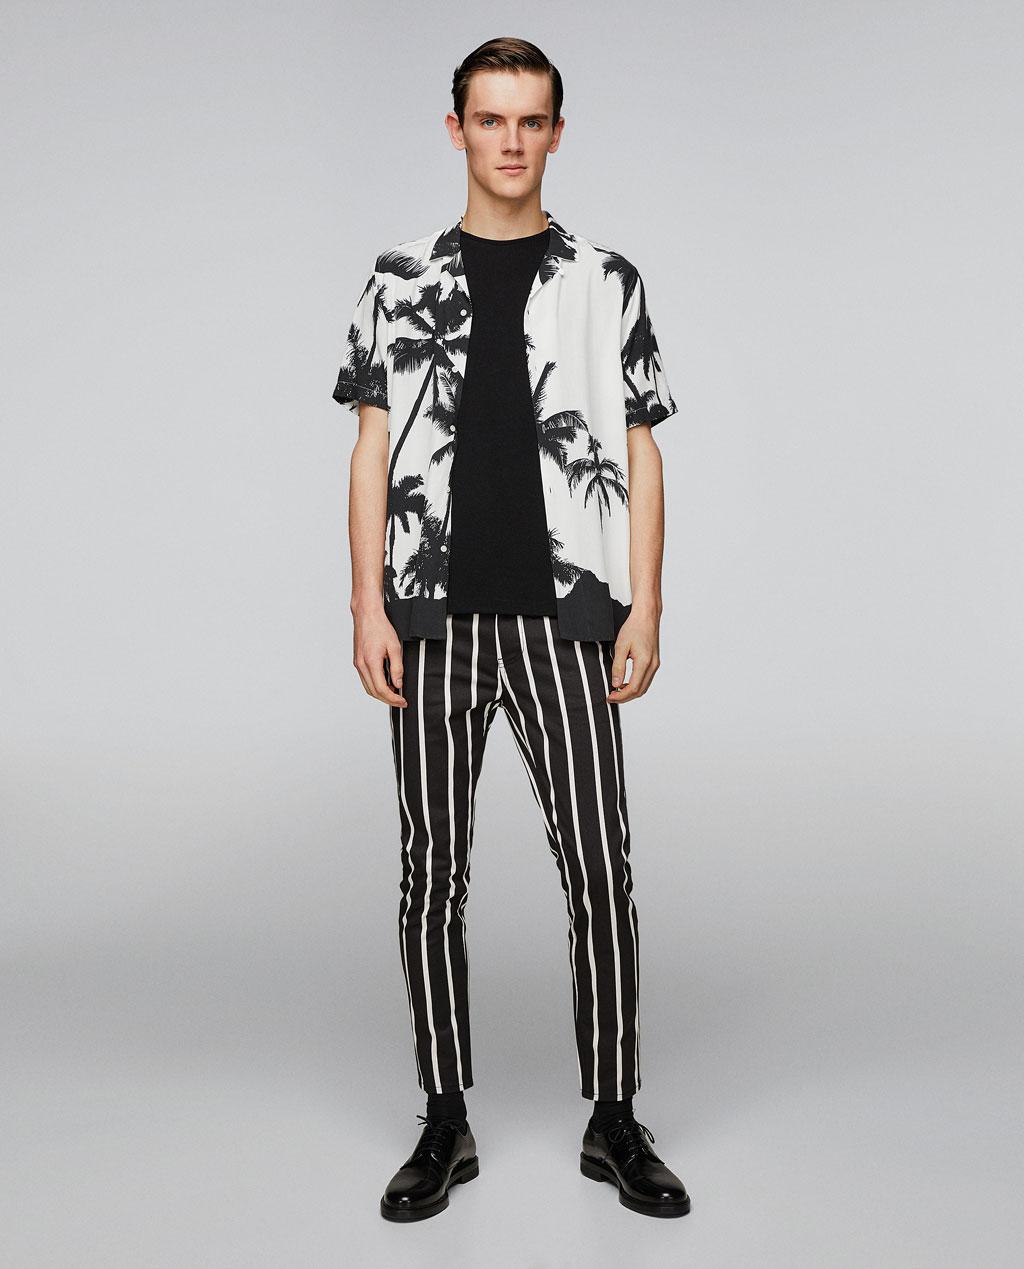 Thời trang nam Zara  23881 - ảnh 3